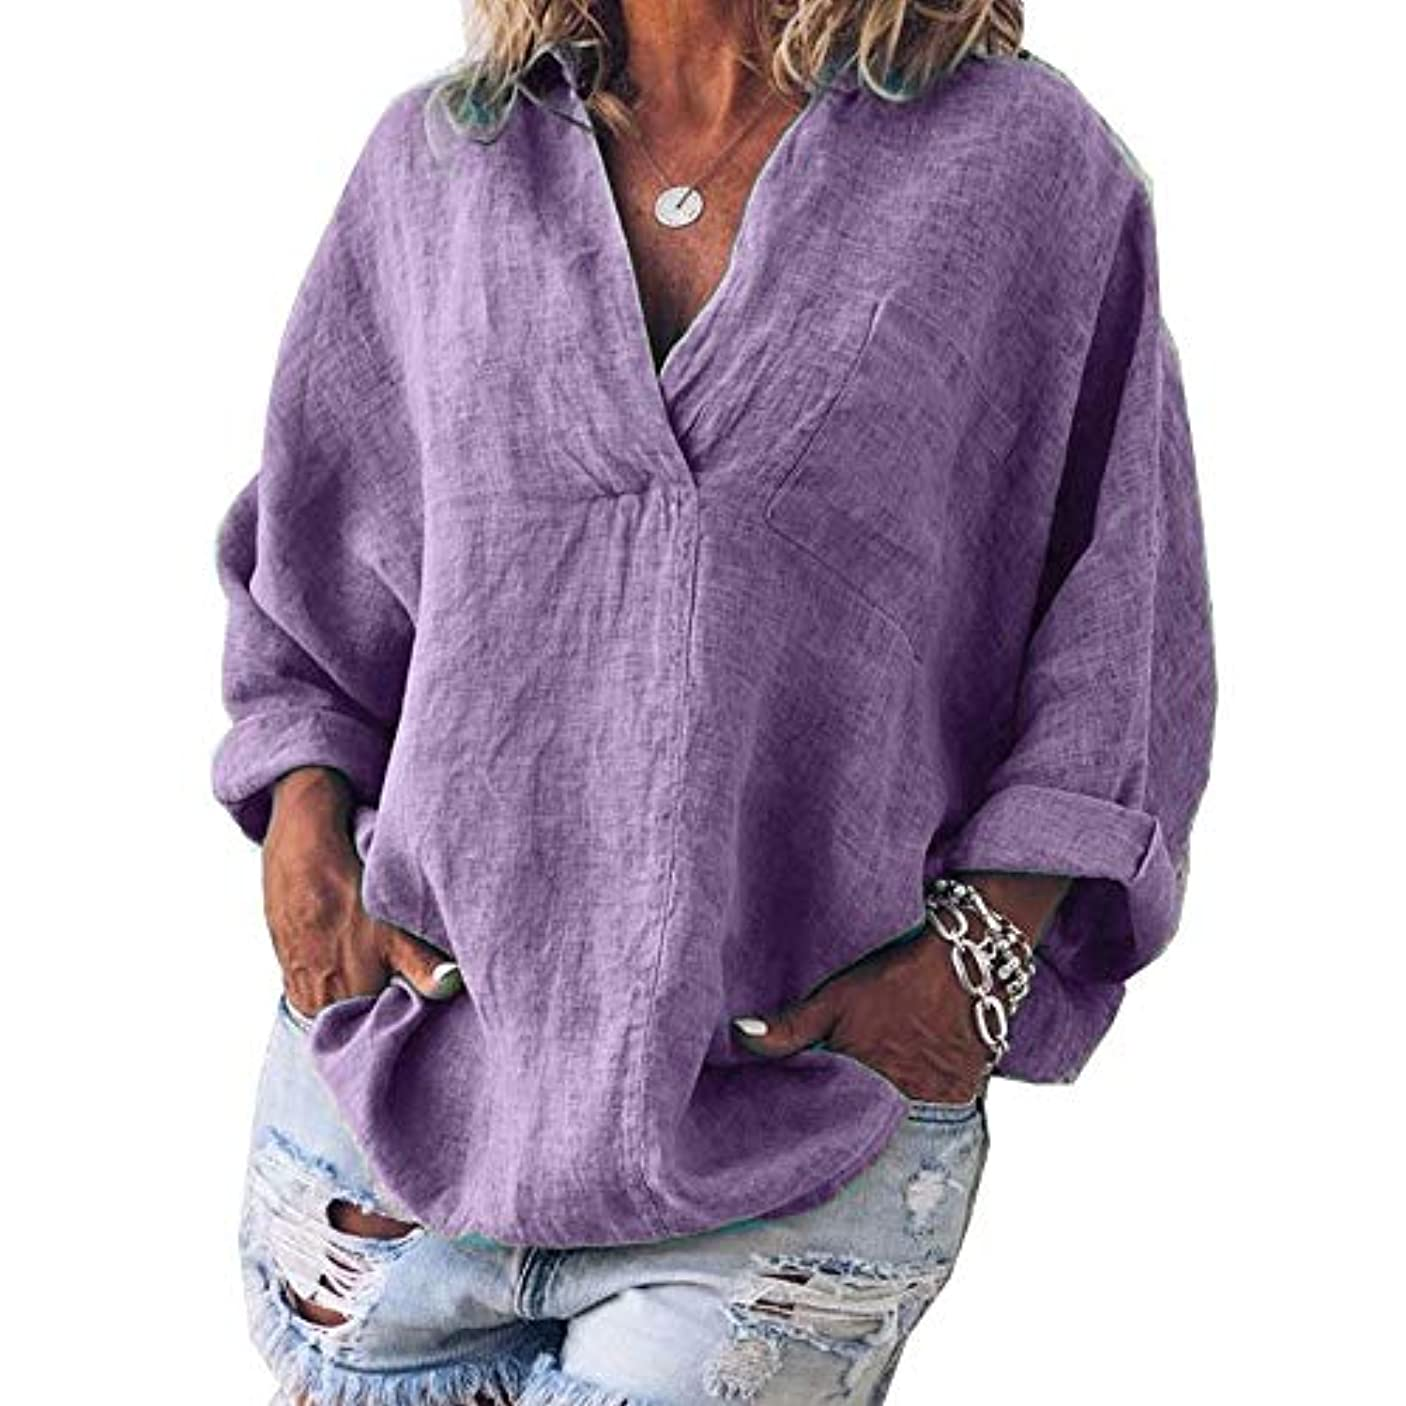 慎重にうるさいホットMIFAN女性ファッション春夏チュニックトップス深いVネックTシャツ長袖プルオーバールーズリネンブラウス